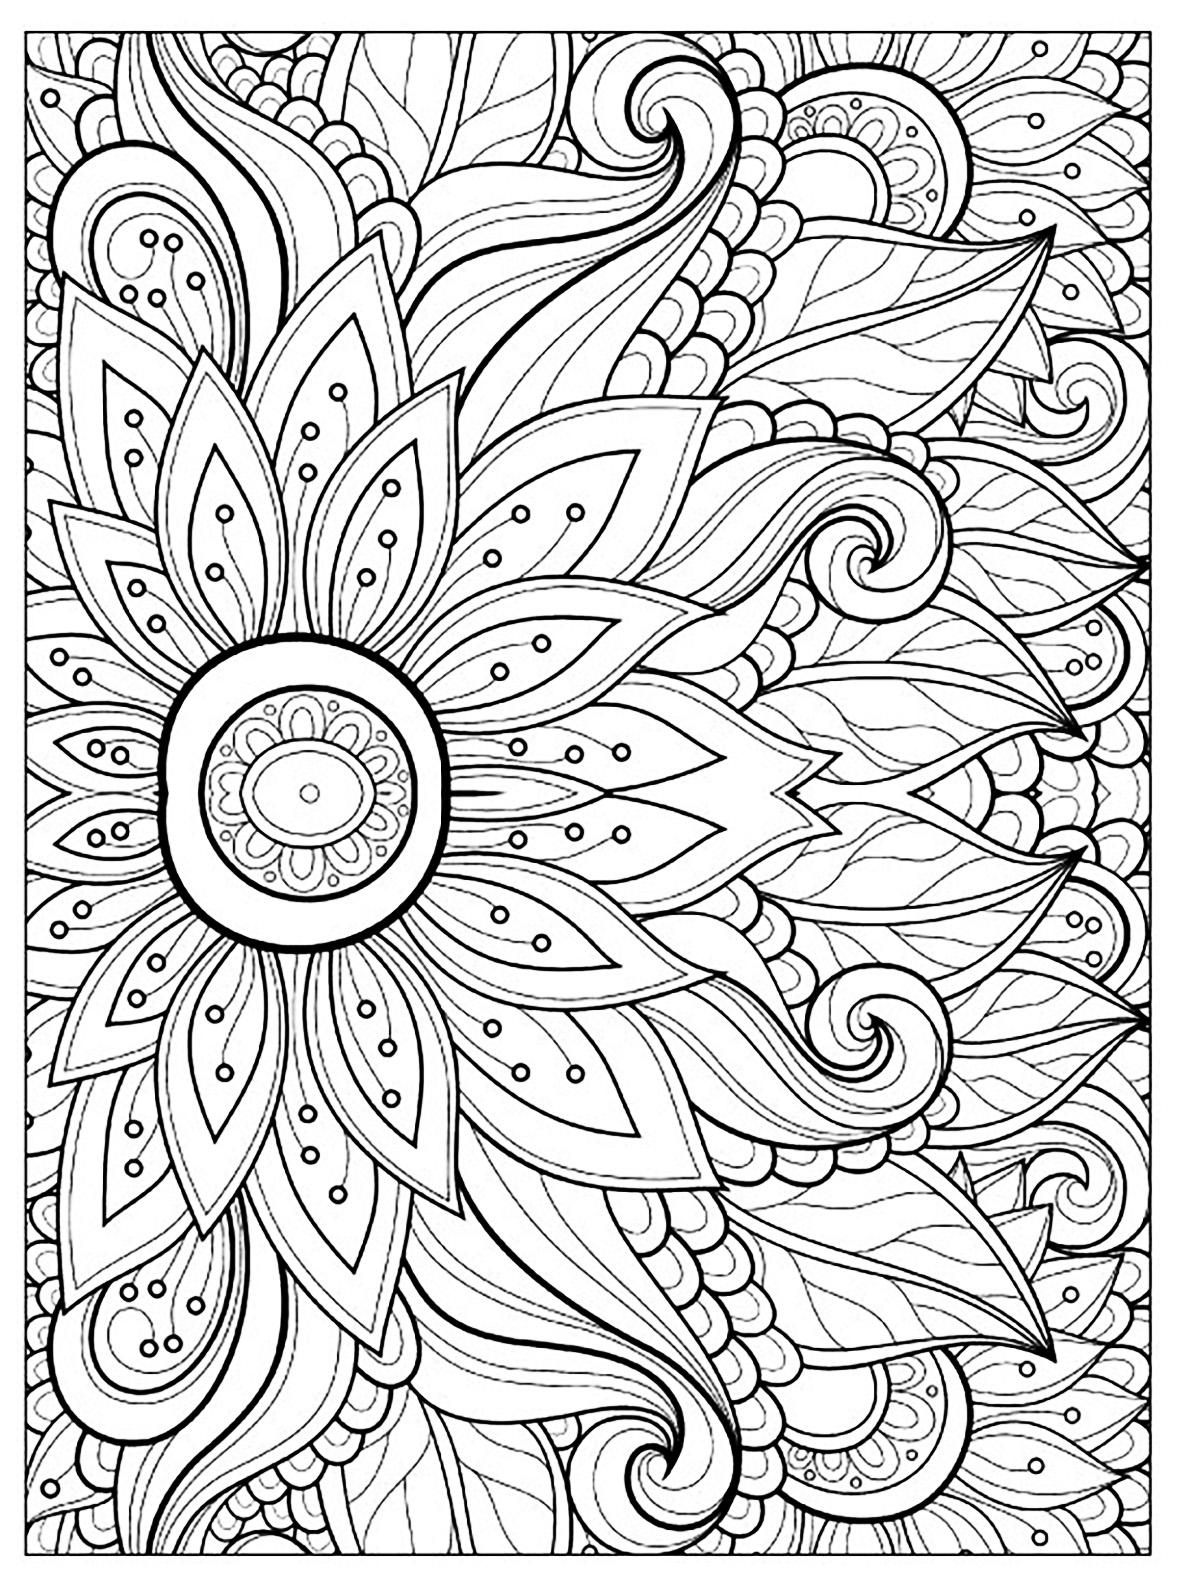 Fleurs et v g tation coloriages difficiles pour adultes coloriage fleur multiples petales - Coloriage fleur 8 petales ...